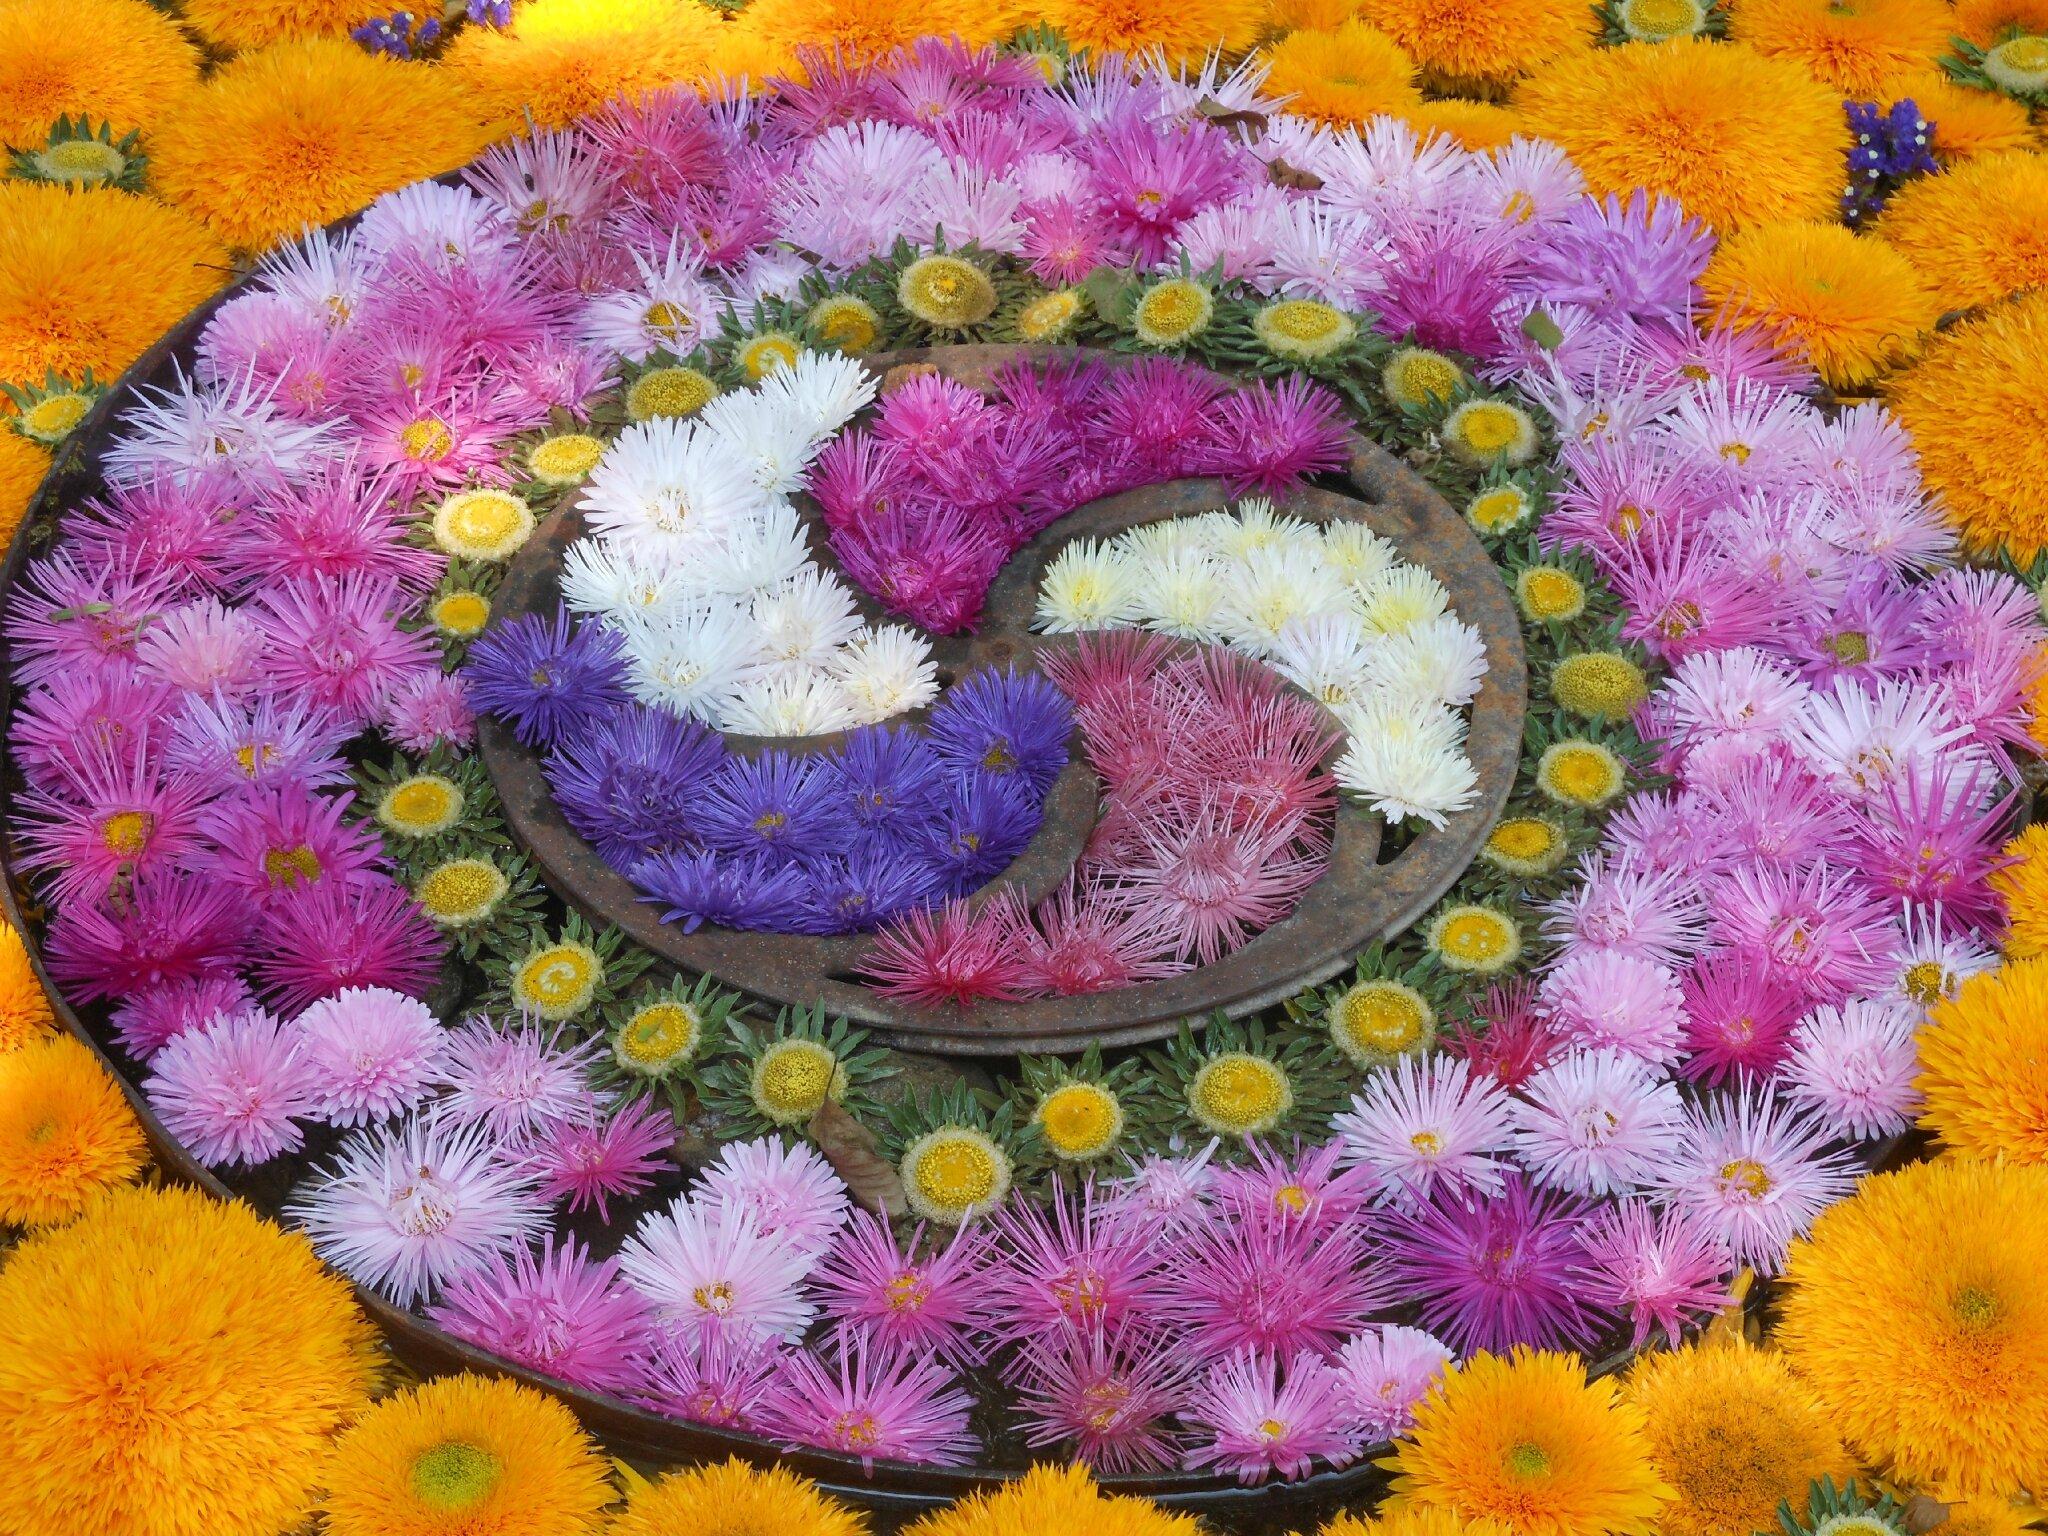 Mandala de fleurs jardin de lieurac fleursdevero2 for Le jardin des fleurs